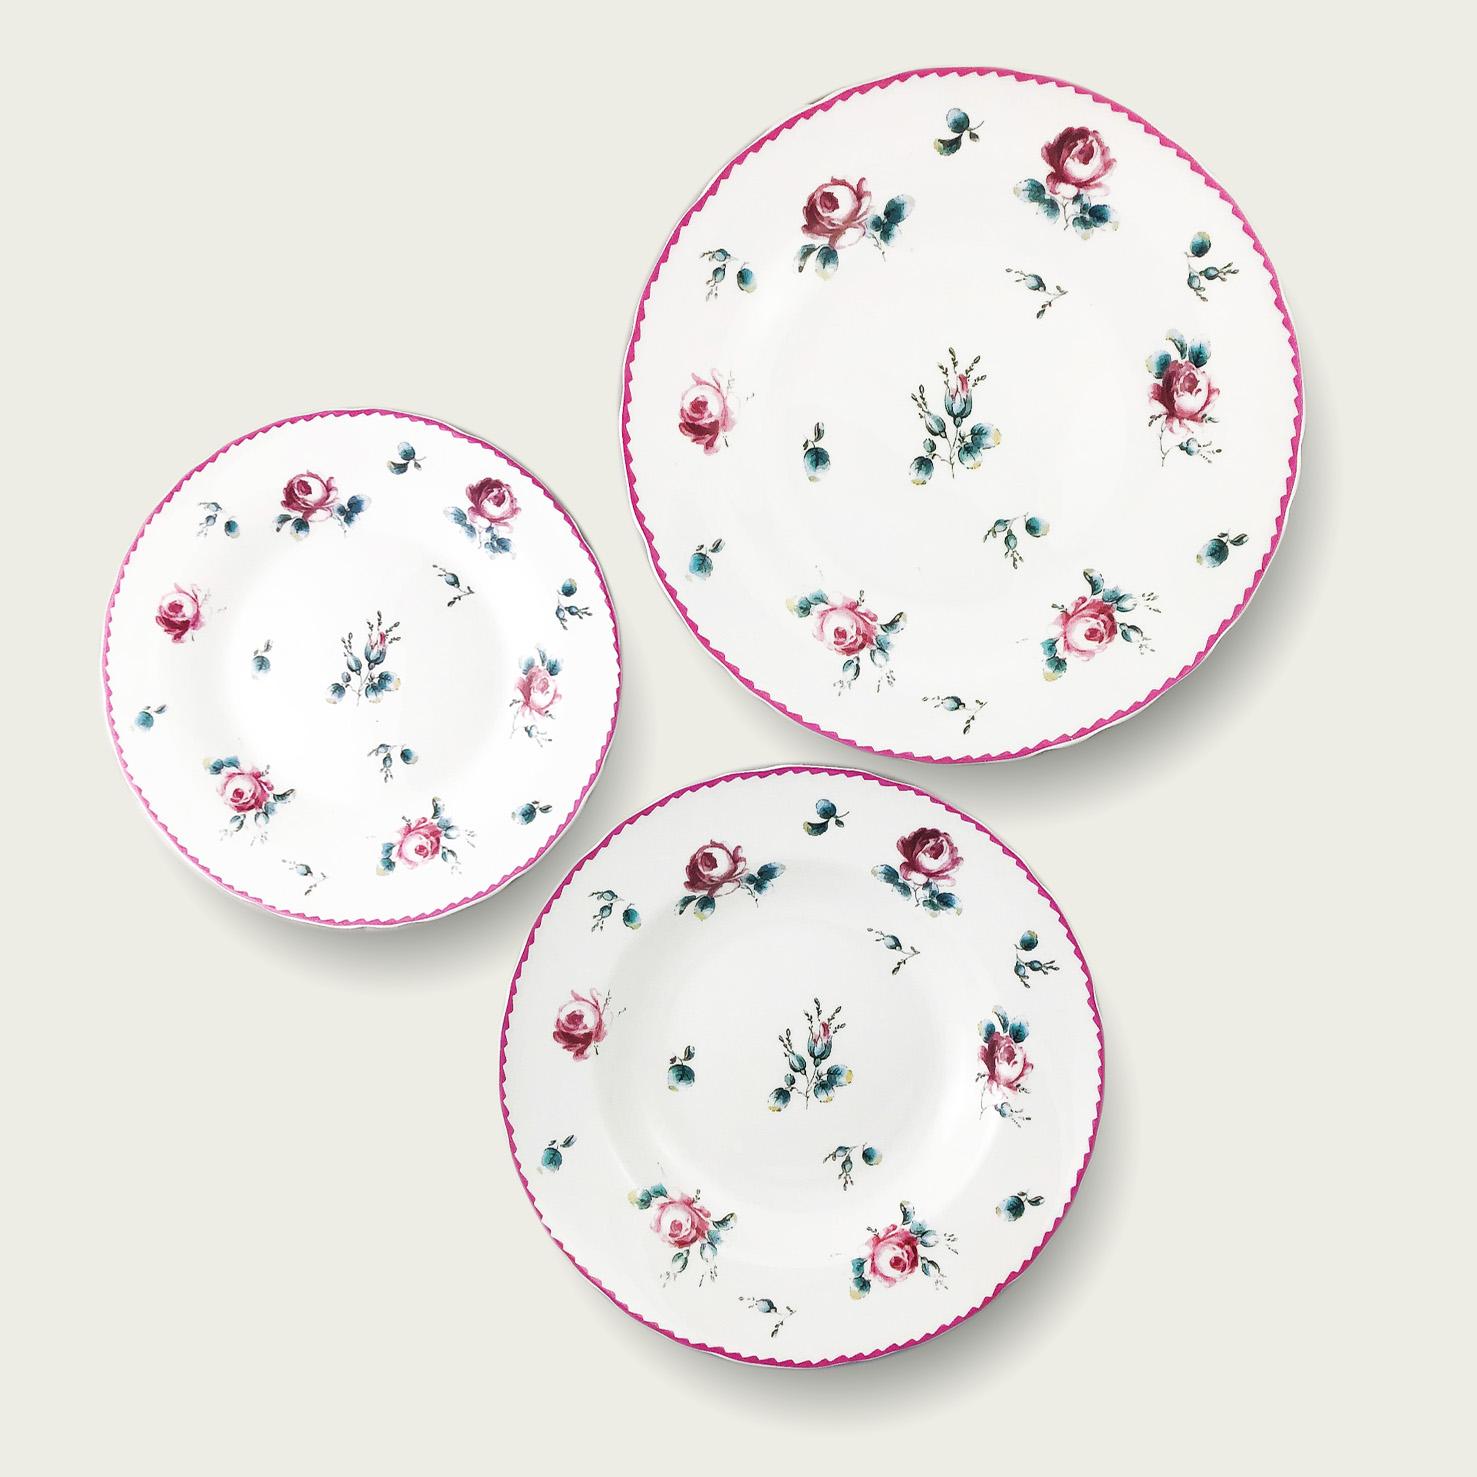 Piatto in porcellana - forma tradizionale - decoro floreale-rosa